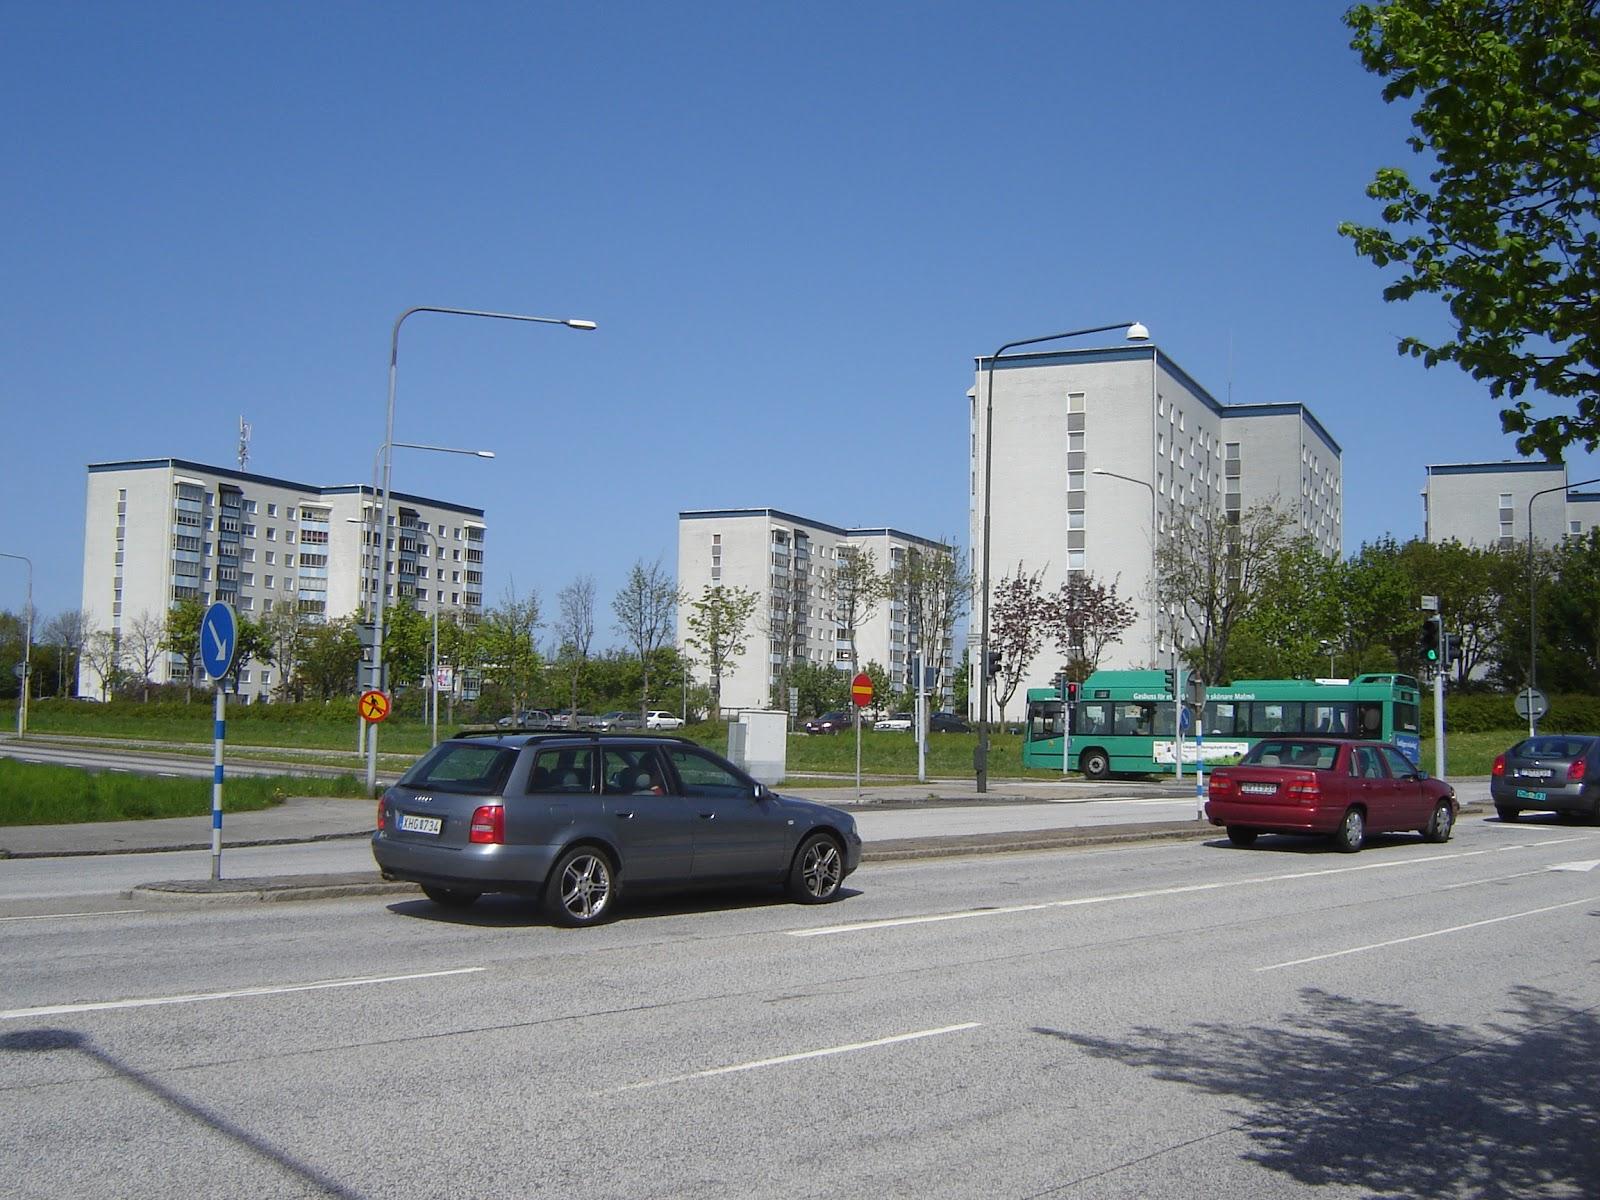 dejting vänster Eskilstuna